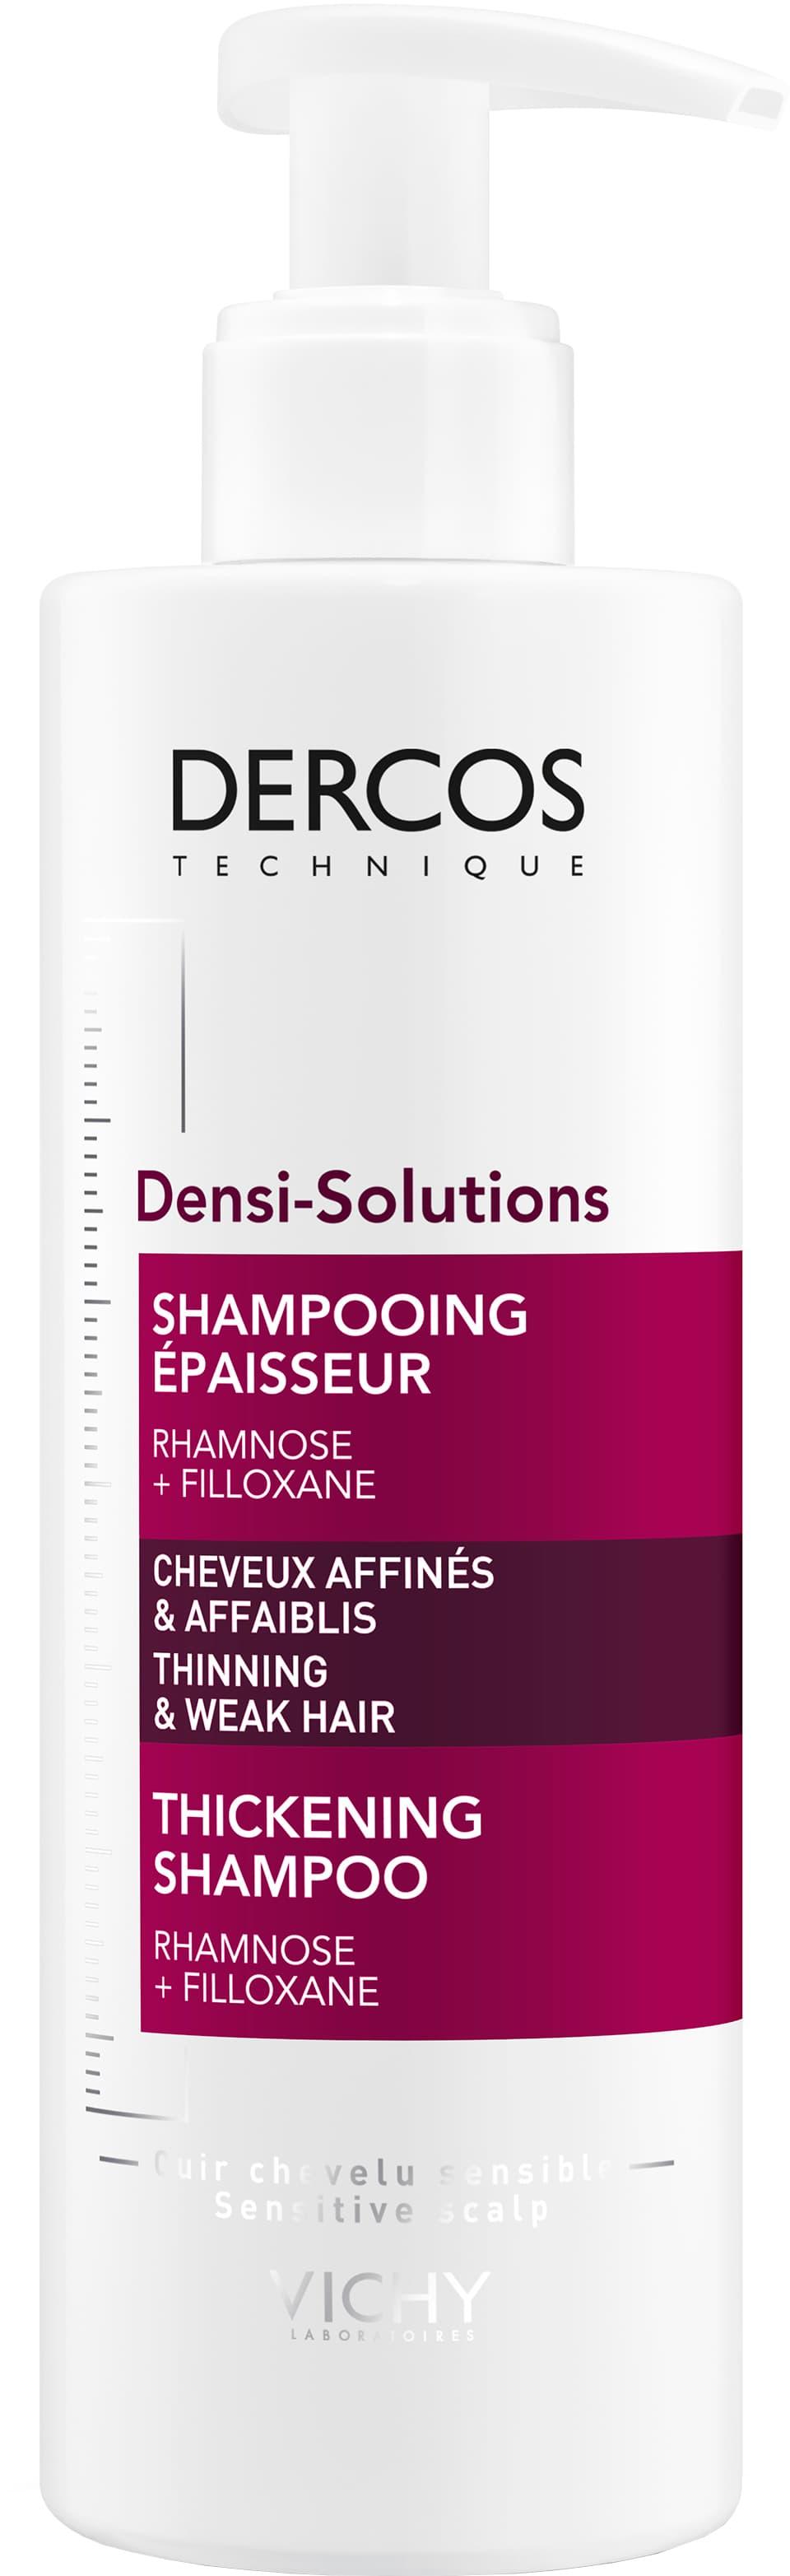 Vichy Dercos Densi-Solutions - Zhusťujúci šampón 250ml